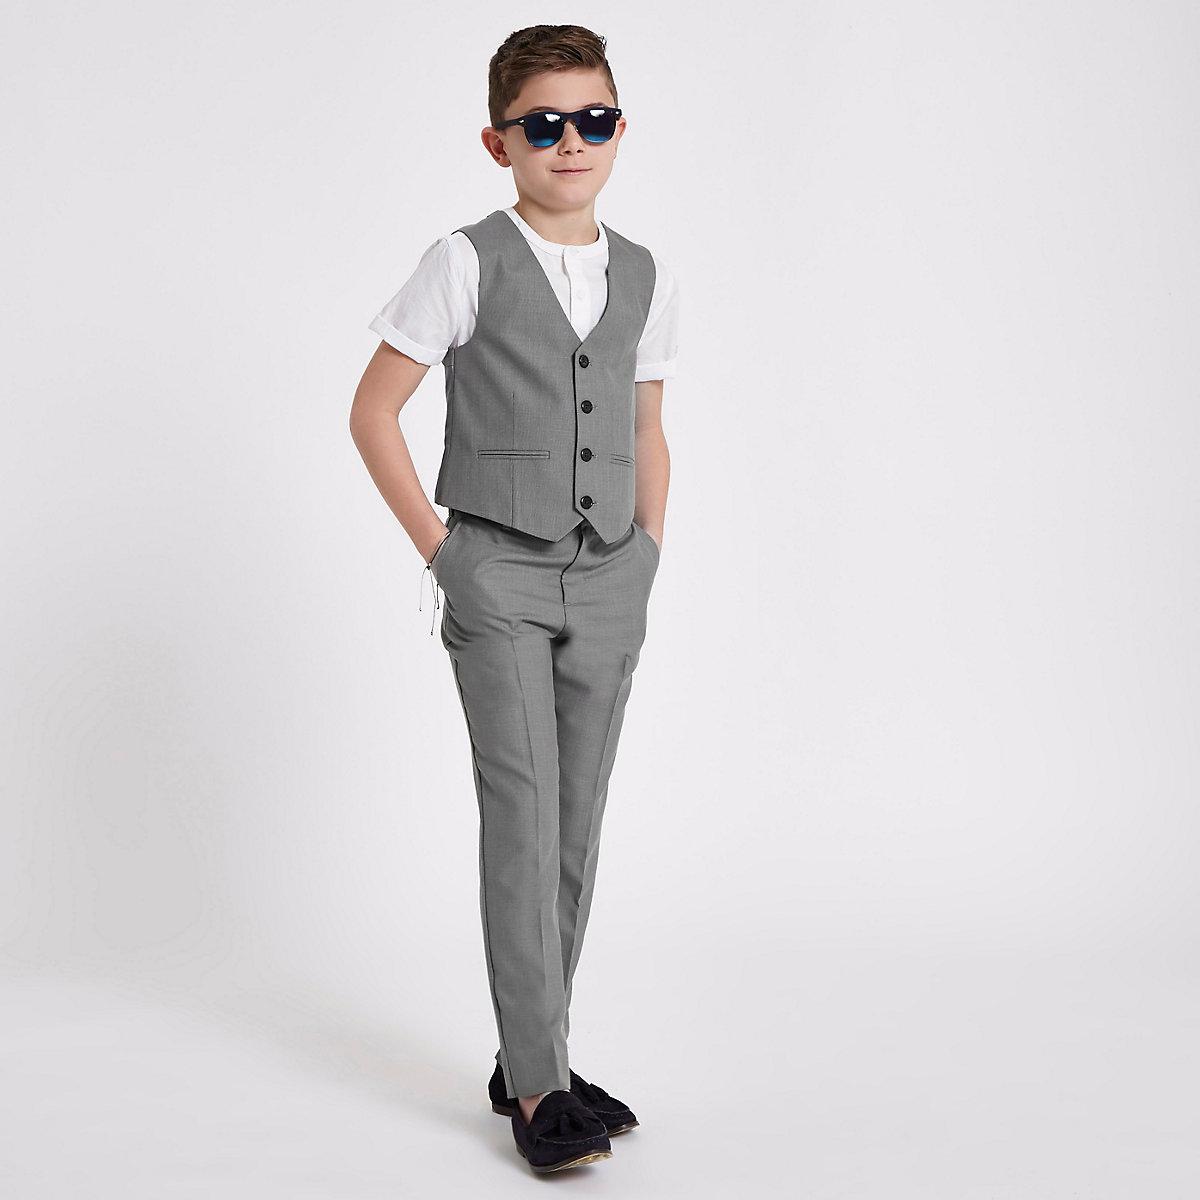 Graue Anzugweste für Jungen